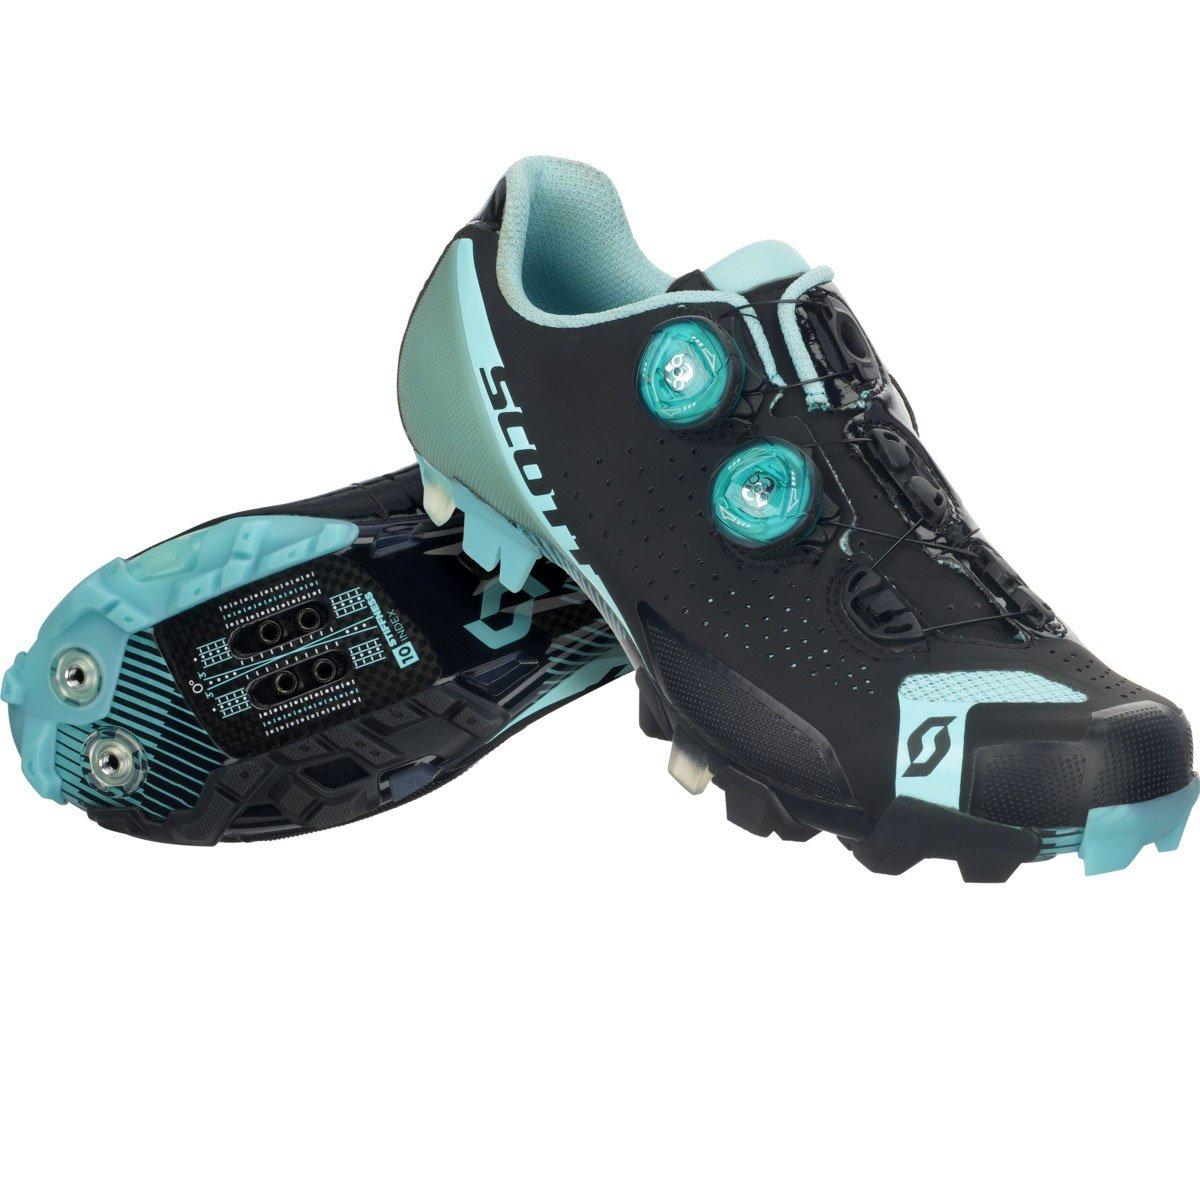 雑誌で紹介された スコットMTB RC Lady スコットMTB Shoe – RC Women 'sマットブラック/ターコイズブルー、40.0 Lady B01LWXK2UJ, サングラージャパン:ad2bff91 --- efichas.com.br